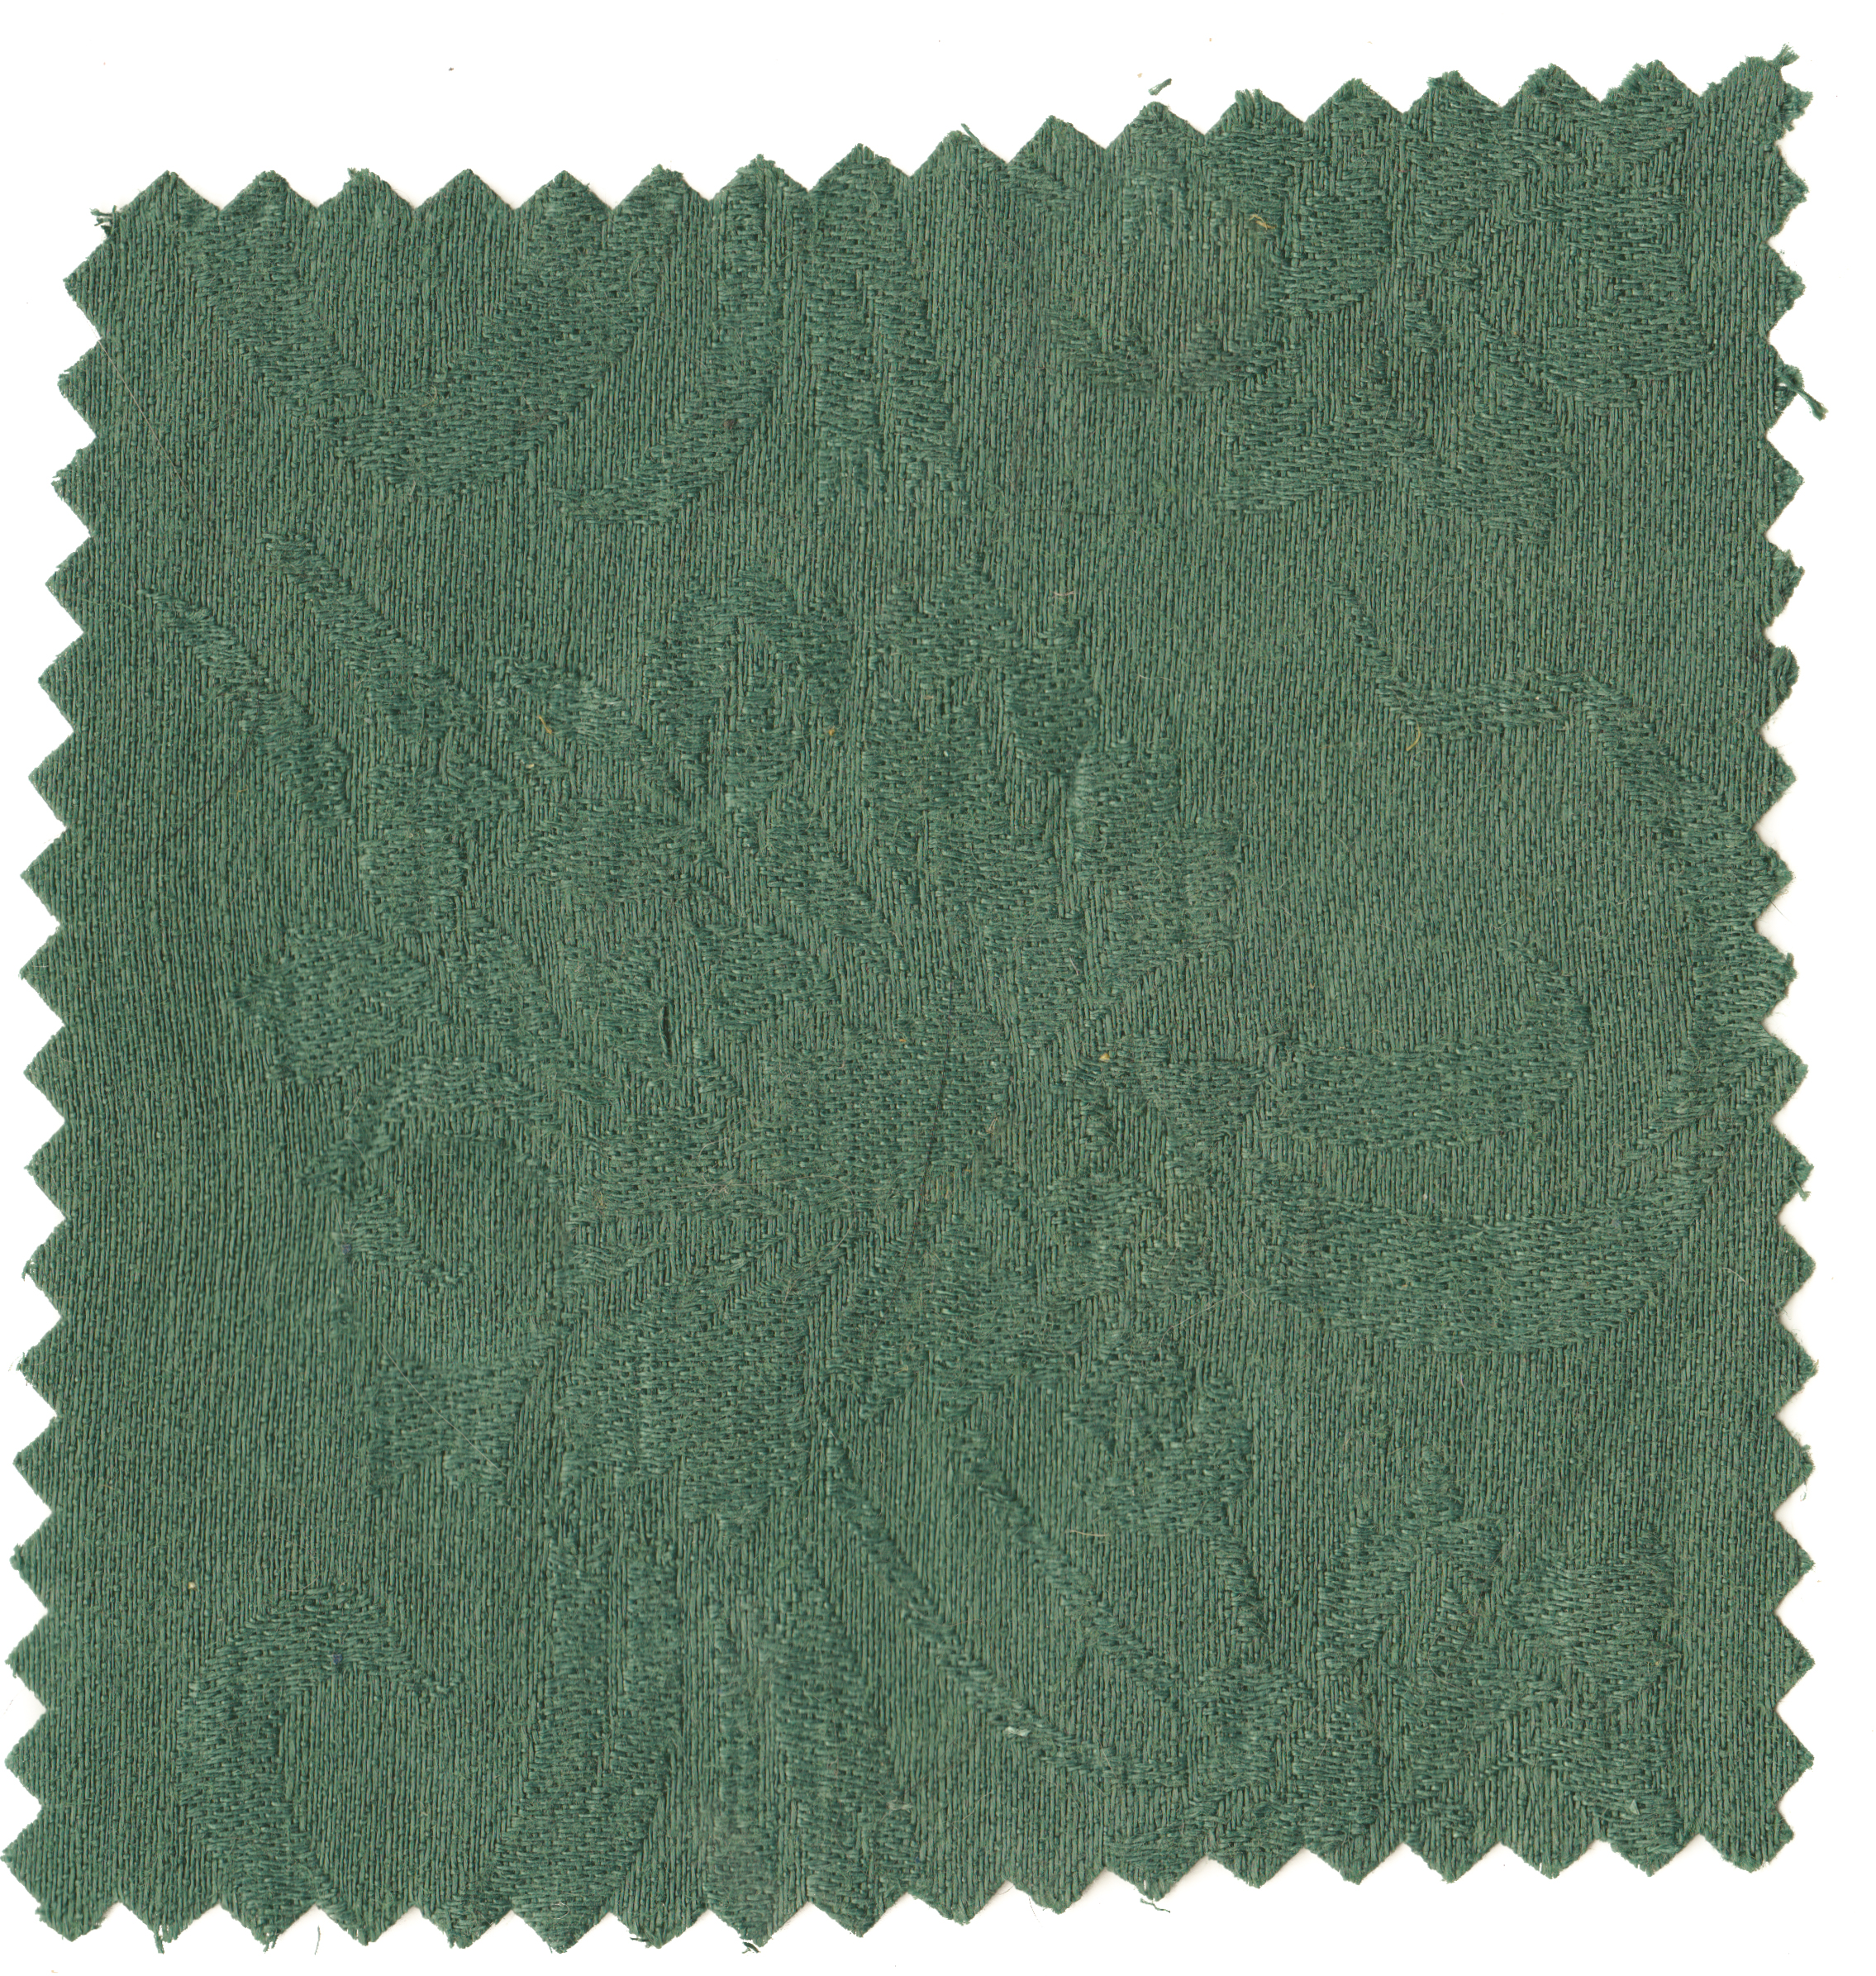 Jade Greens-6.jpg